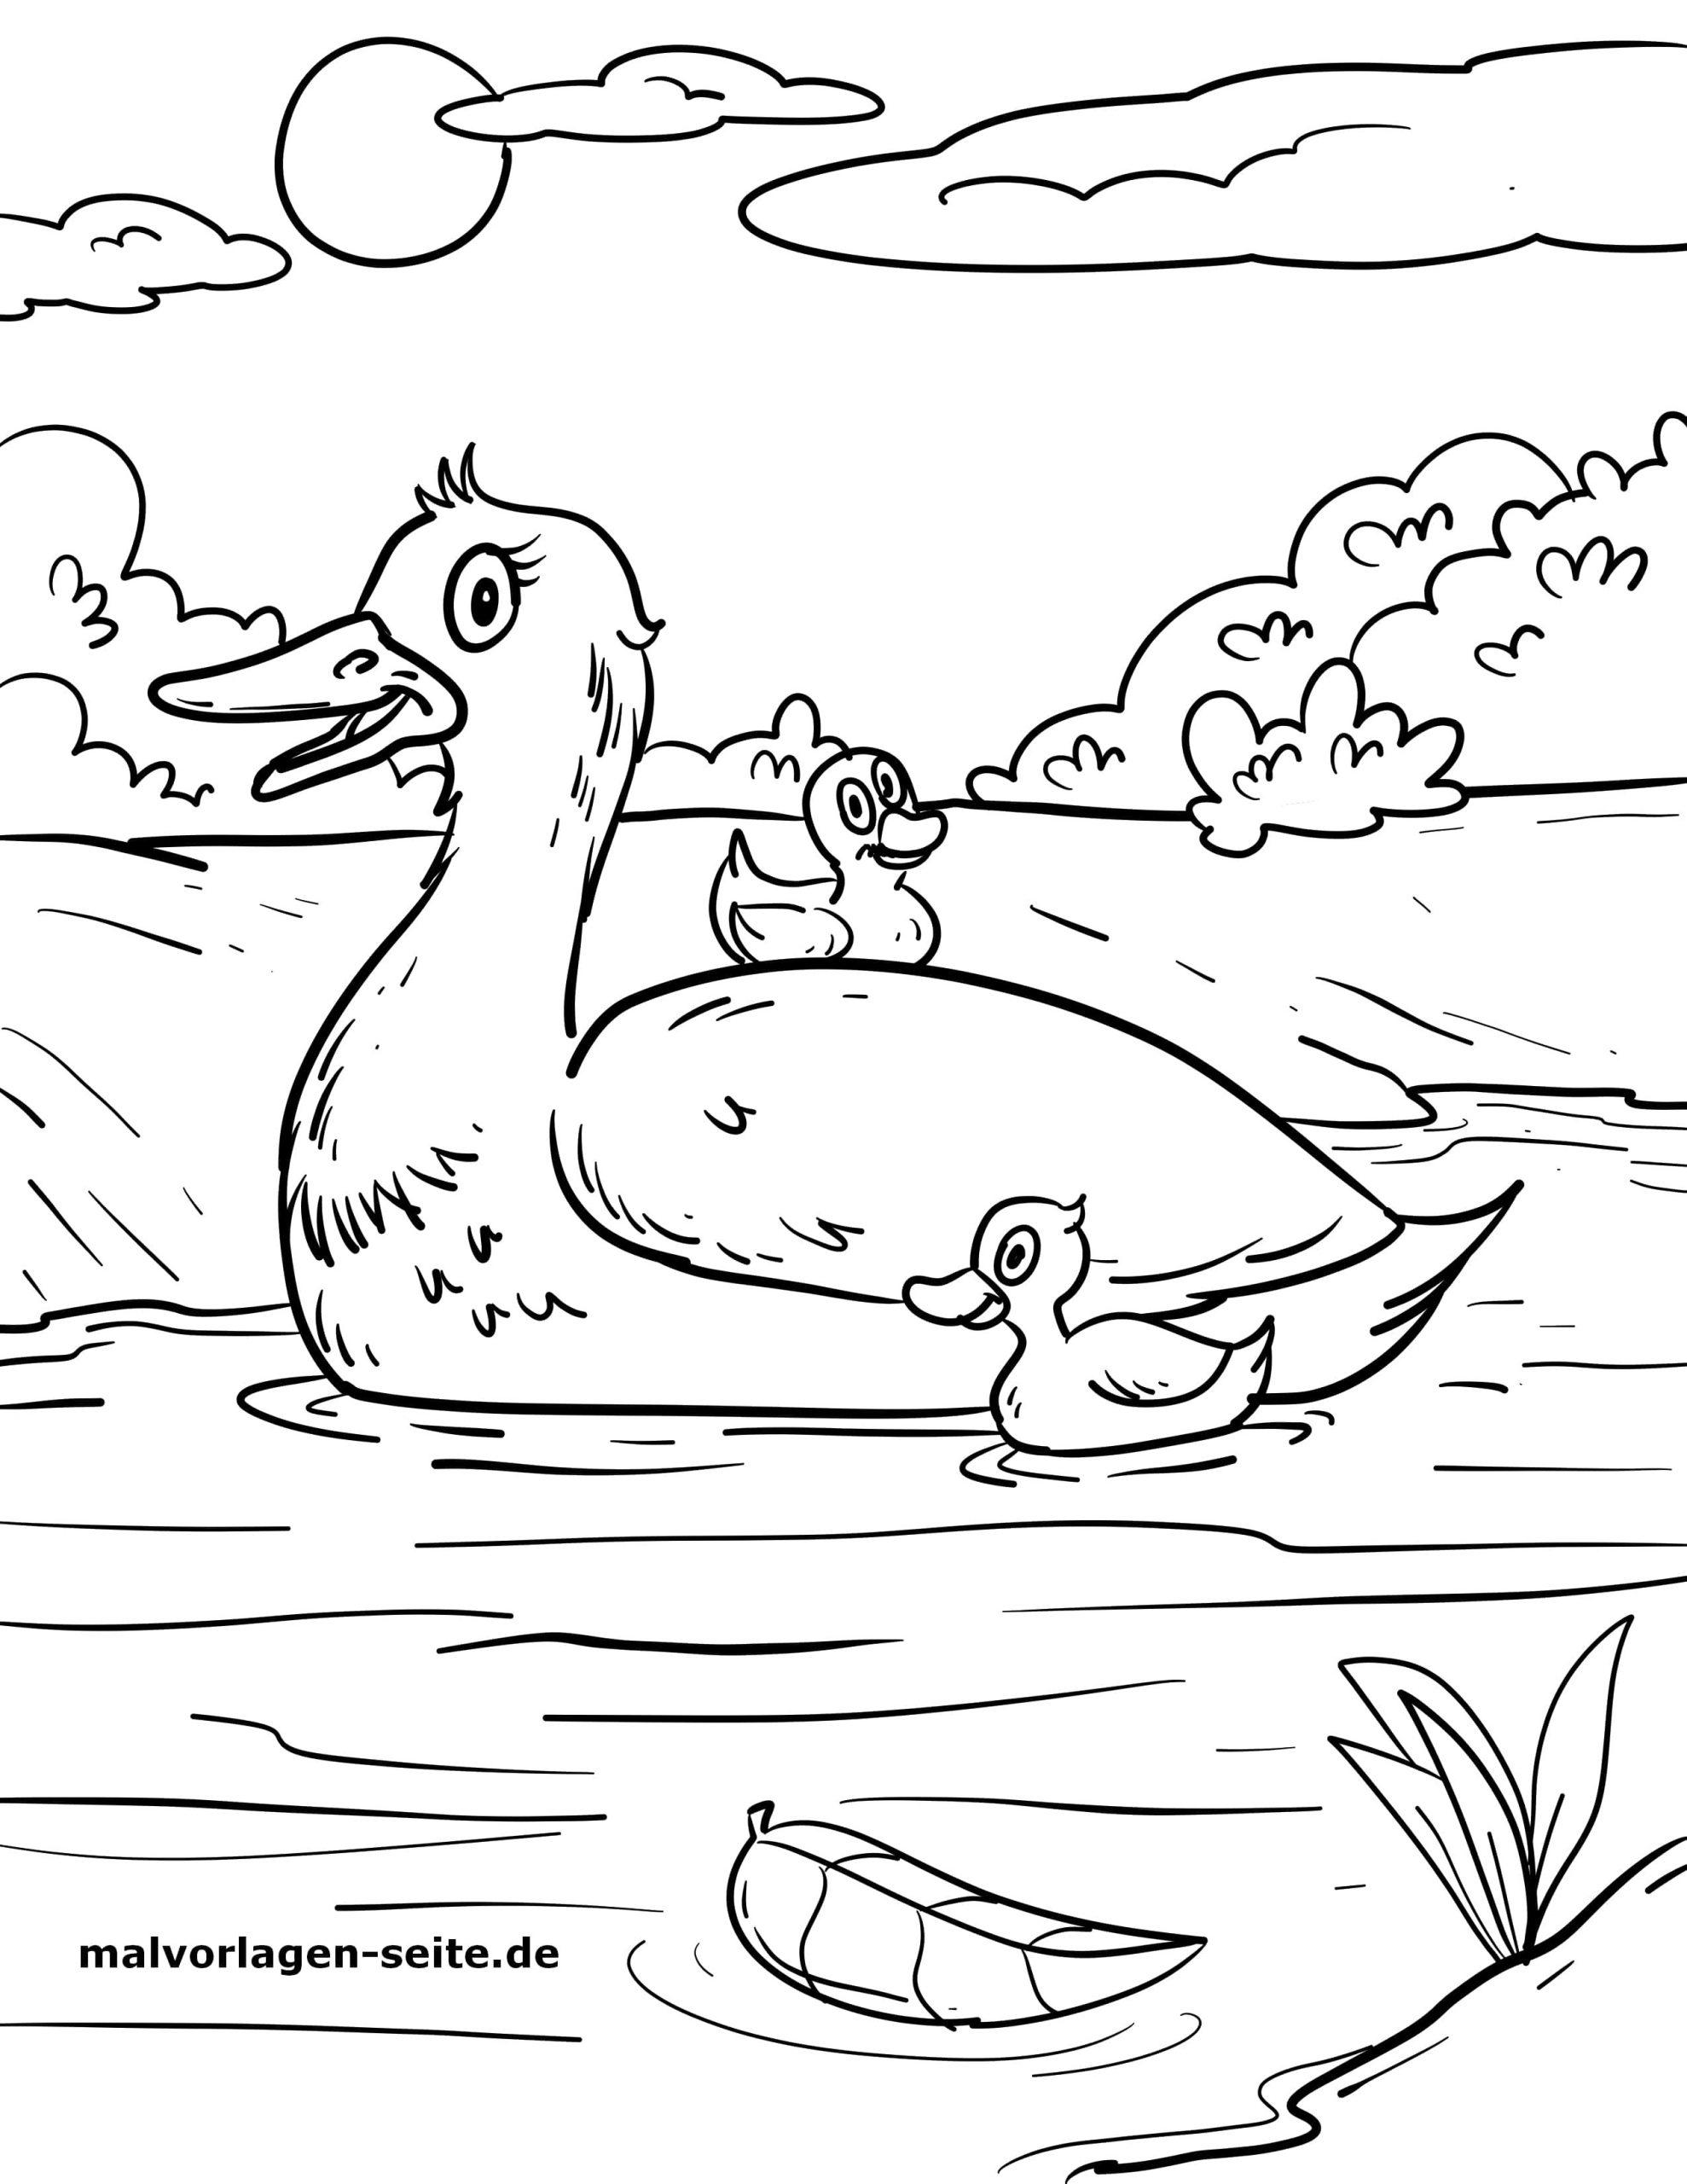 Malvorlage Enten | Vögel Tiere - Ausmalbilder Kostenlos bestimmt für Ausmalbilder Ente